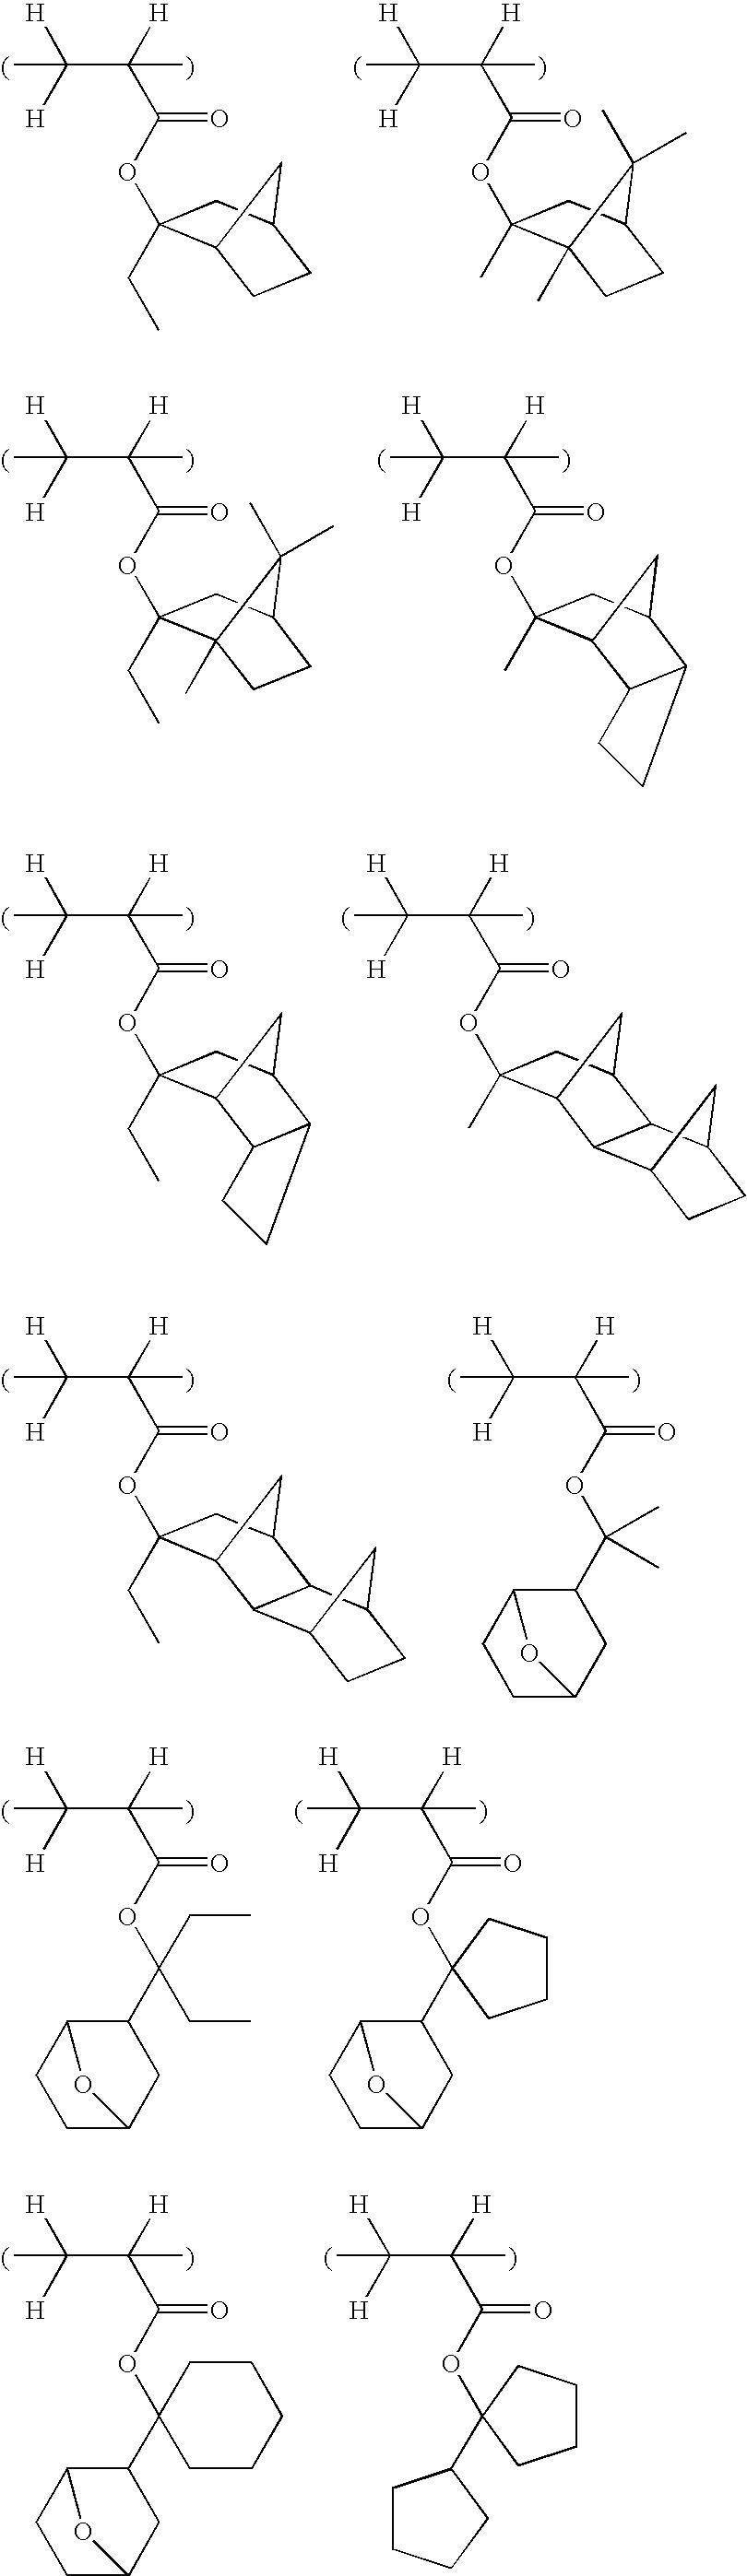 Figure US20090011365A1-20090108-C00064